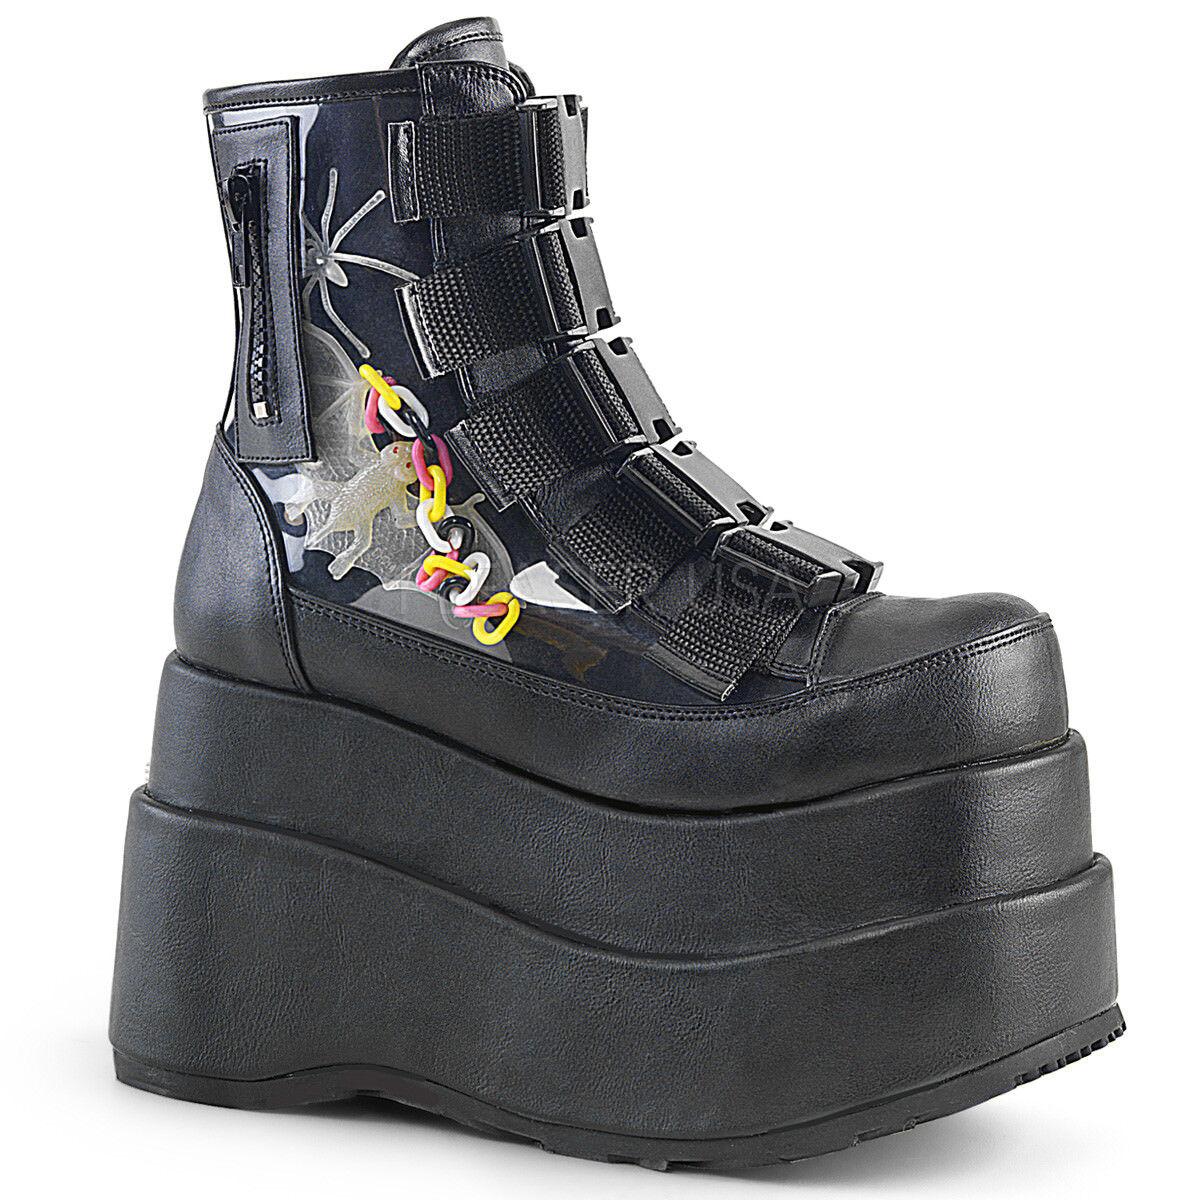 Enorme Demonia 4.5  plataforma plataforma  Vegano Negro Araña Murciélago Hebilla De Tobillo botas Gótico 6-12 7f67f0